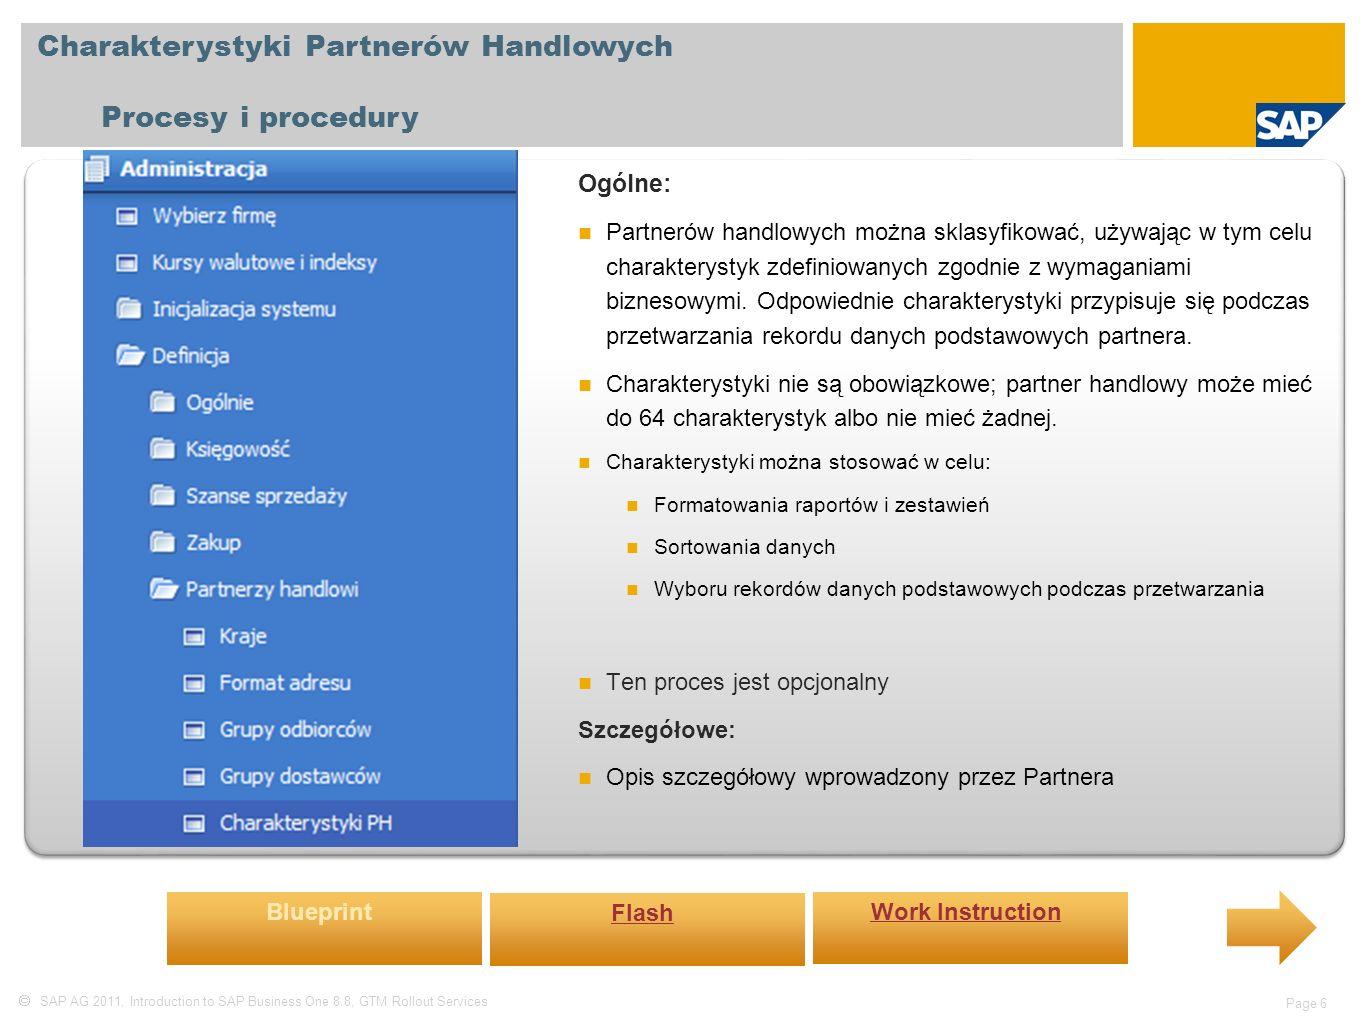  SAP AG 2011, Introduction to SAP Business One 8.8, GTM Rollout Services Page 7 Priorytety Partnerów Handlowych Procesy i procedury Ogólne: To okno służy do definiowania priorytetów partnerów handlowych.